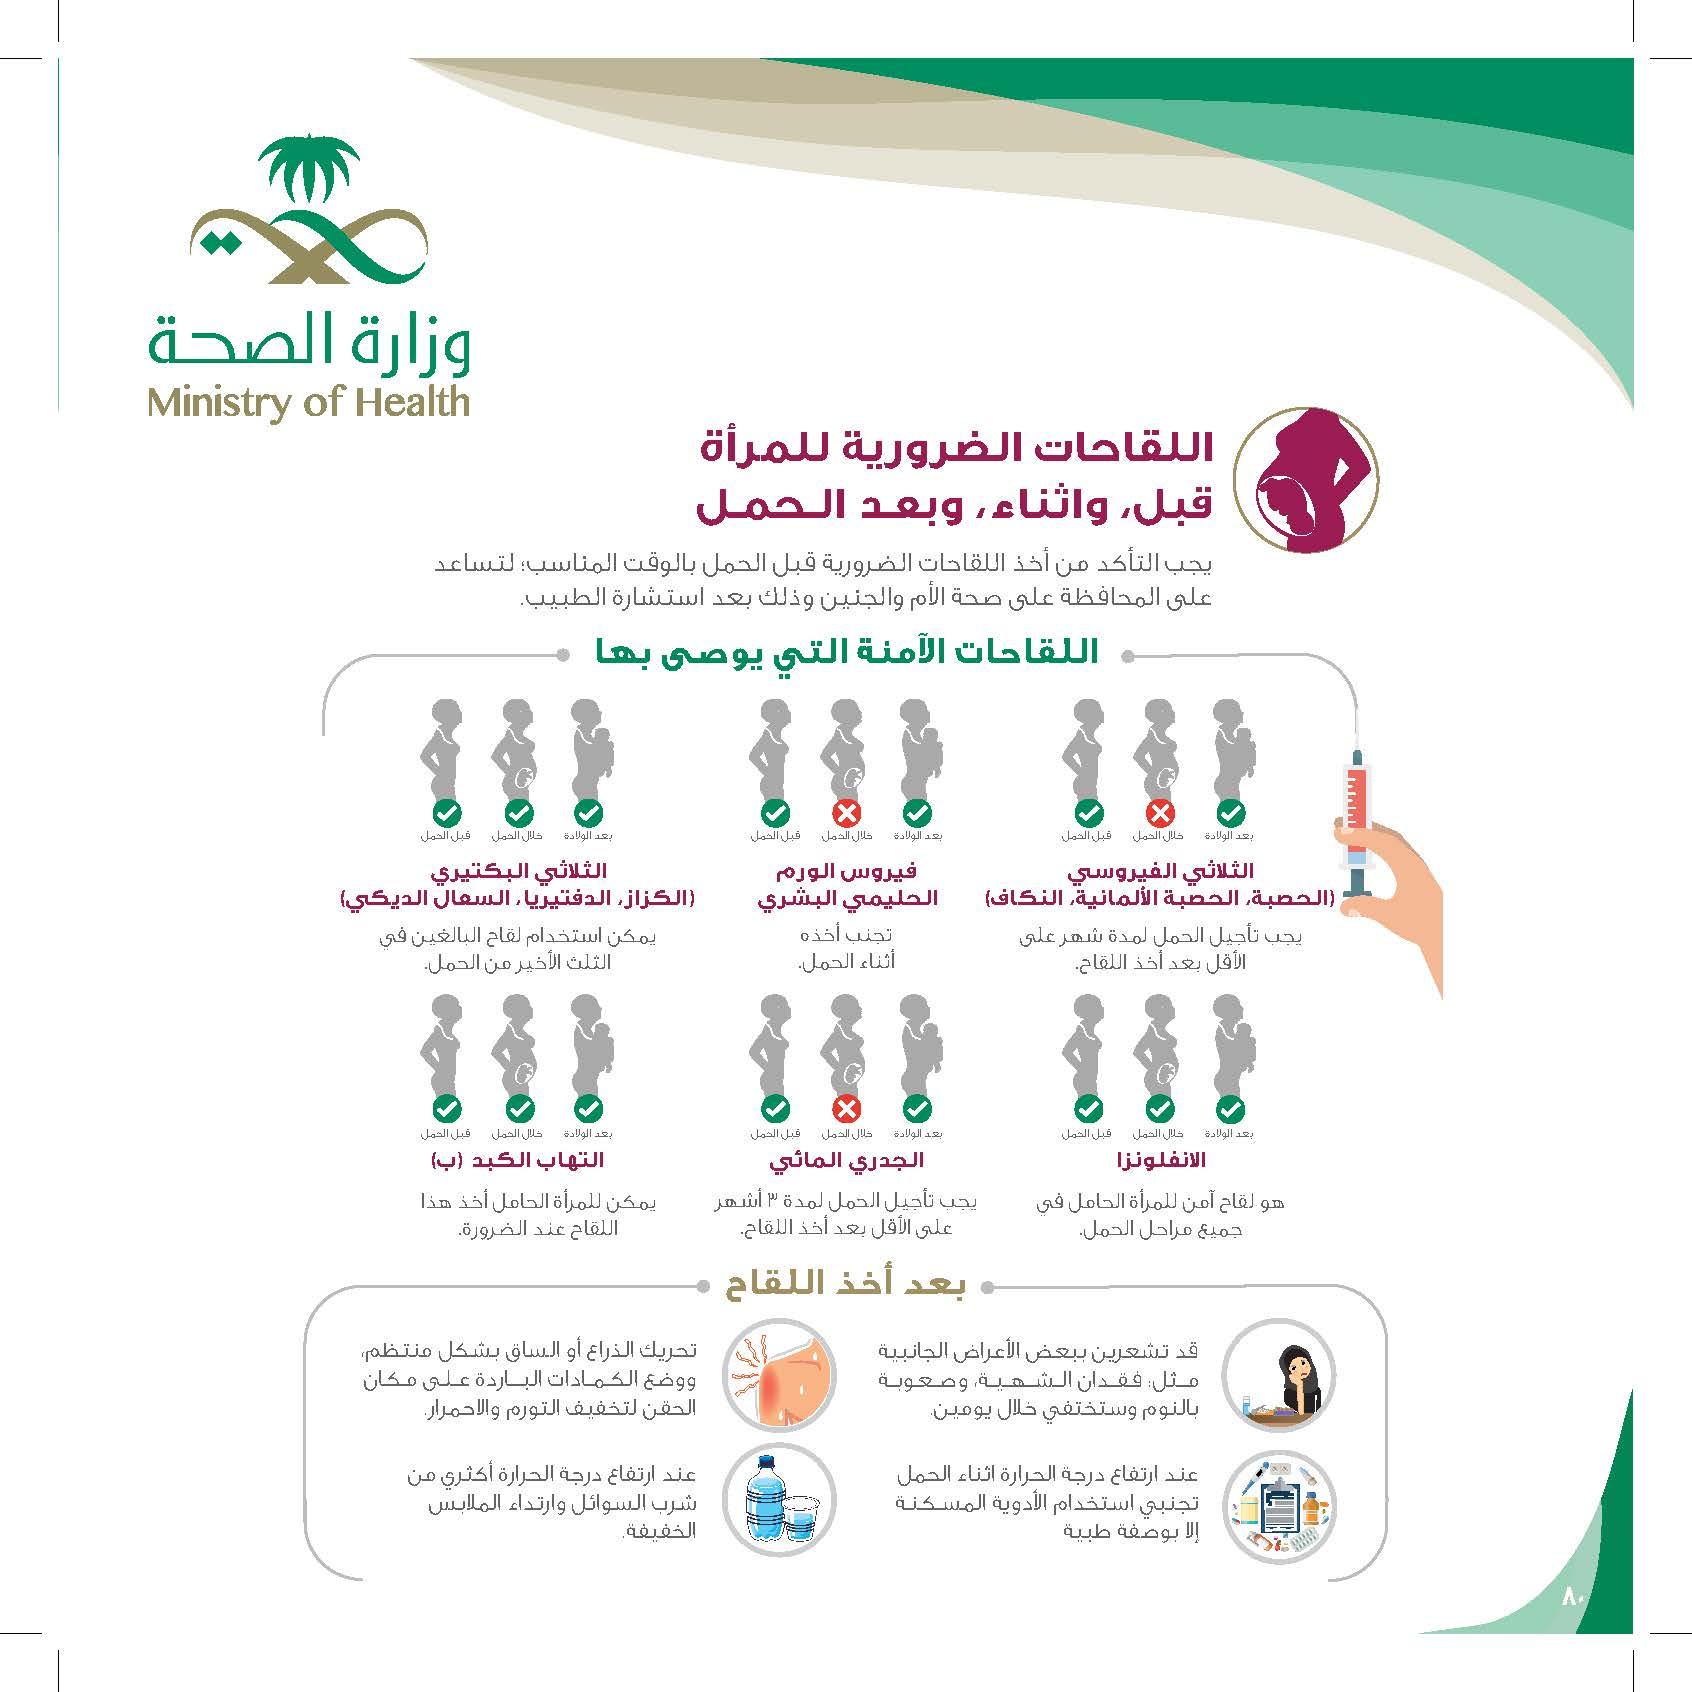 صحة المرأة صحة المرأة قبل الحمل